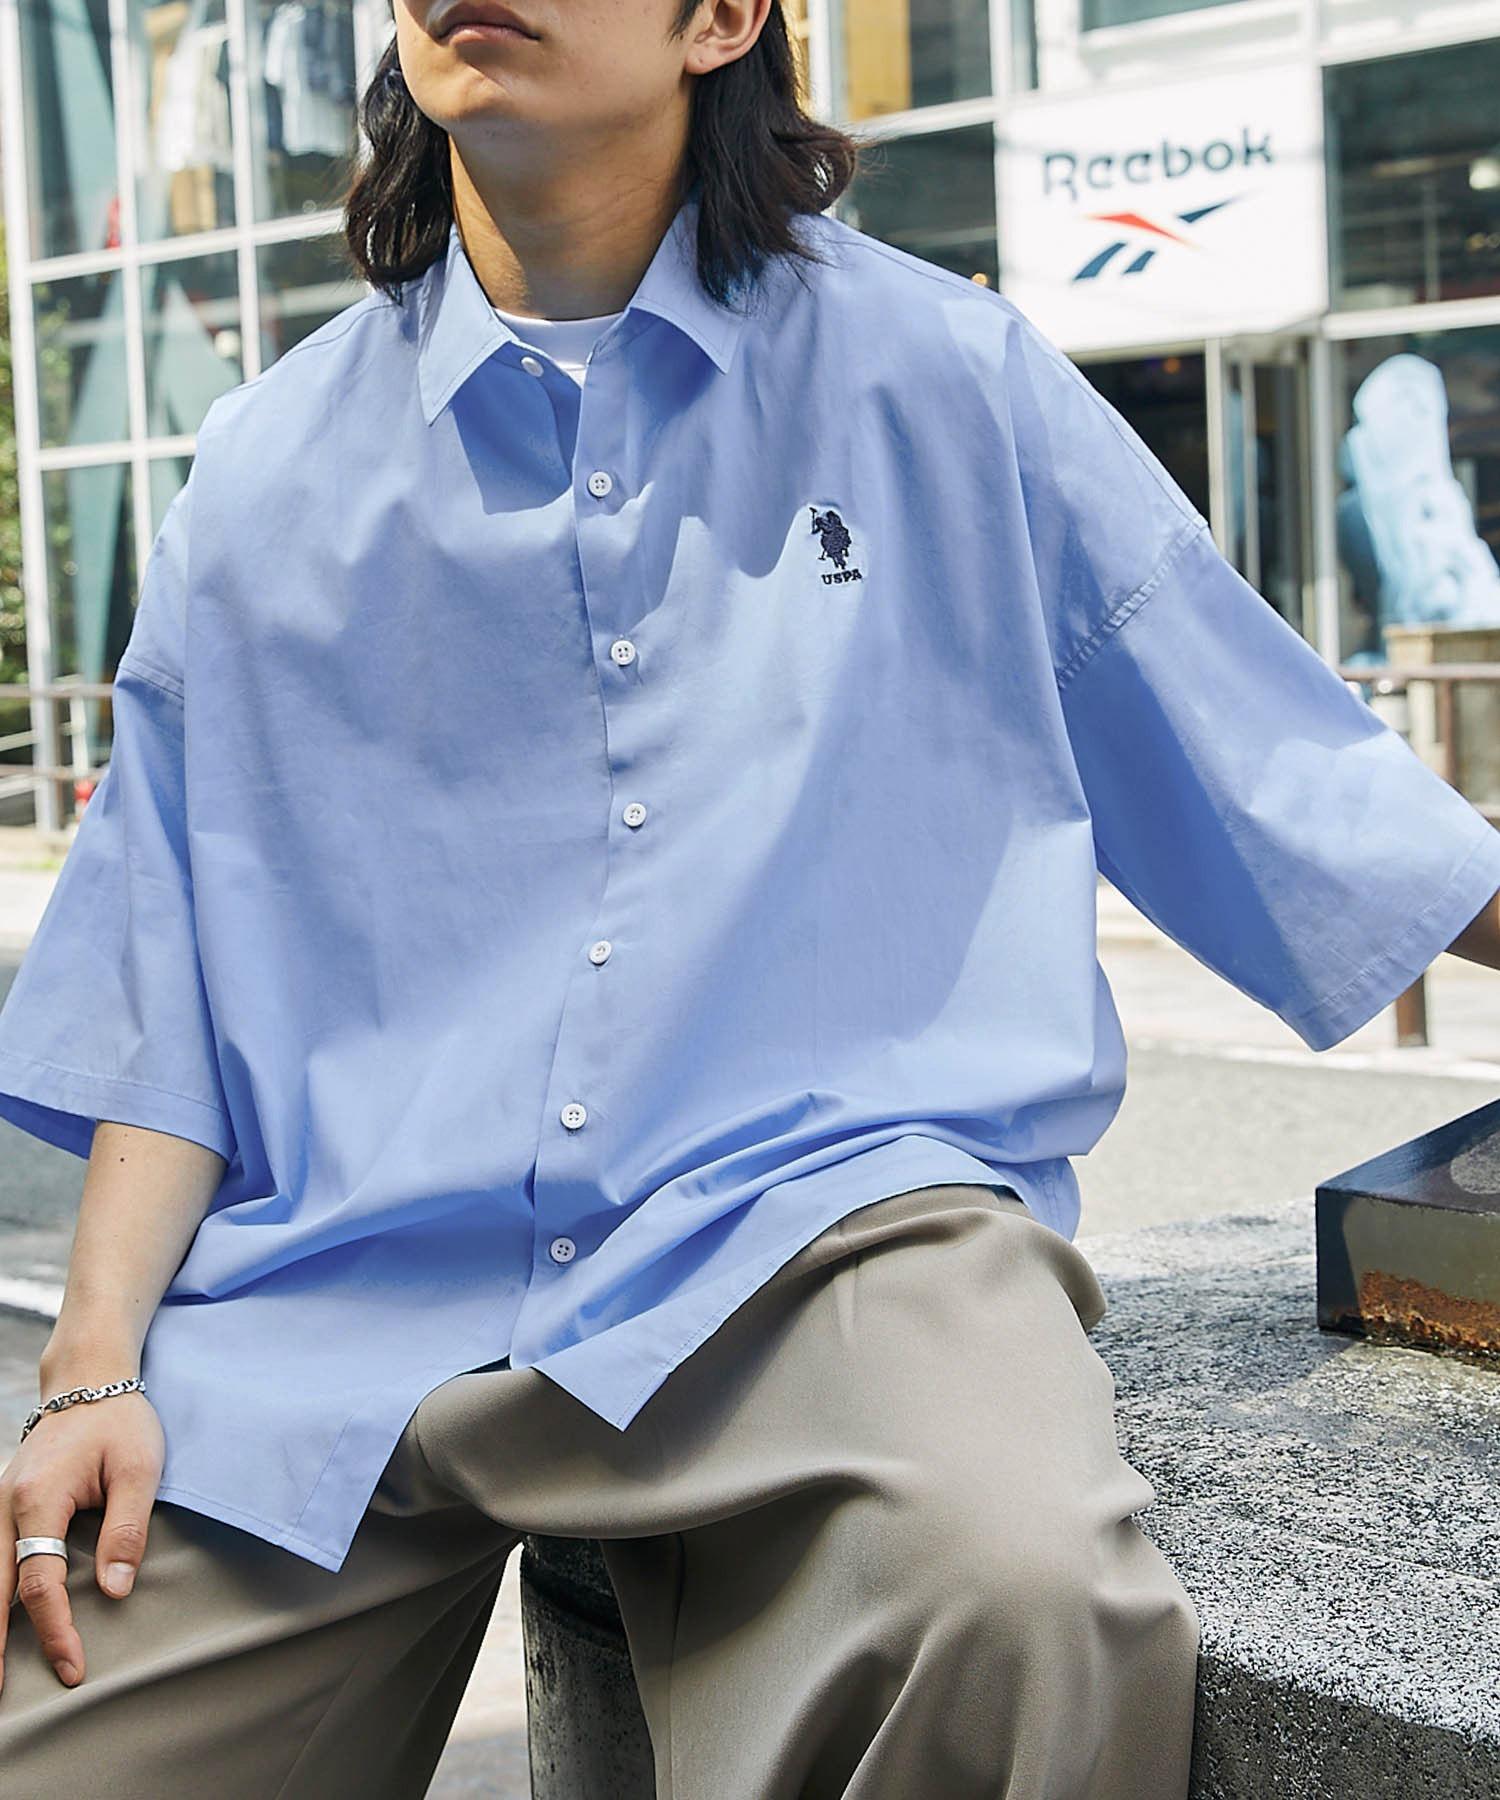 U.S. POLO ASSN. /ユーエスポロアッスン 別注 ワンポイント刺繍ロゴ オーバーサイズ SS レギュラーカラーシャツ